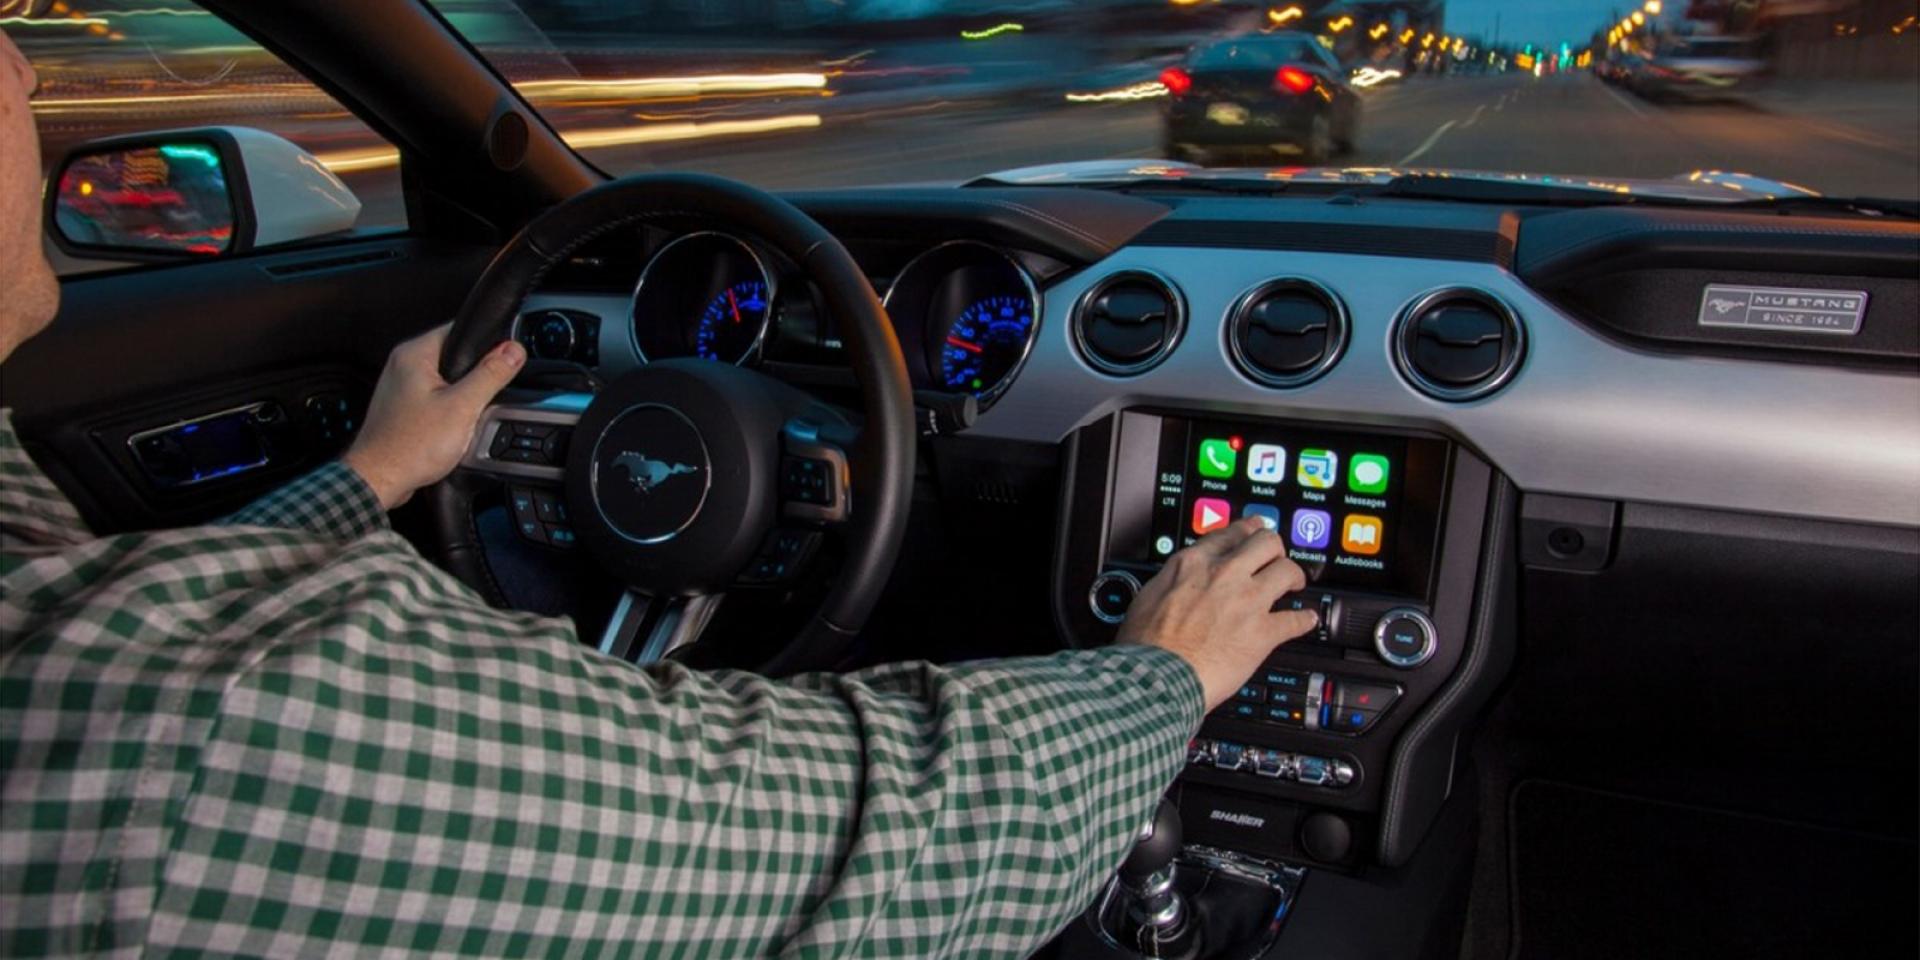 這樣太危險,英國研究指出使用Apple Carplay和Android Auto並沒有讓行車更安全